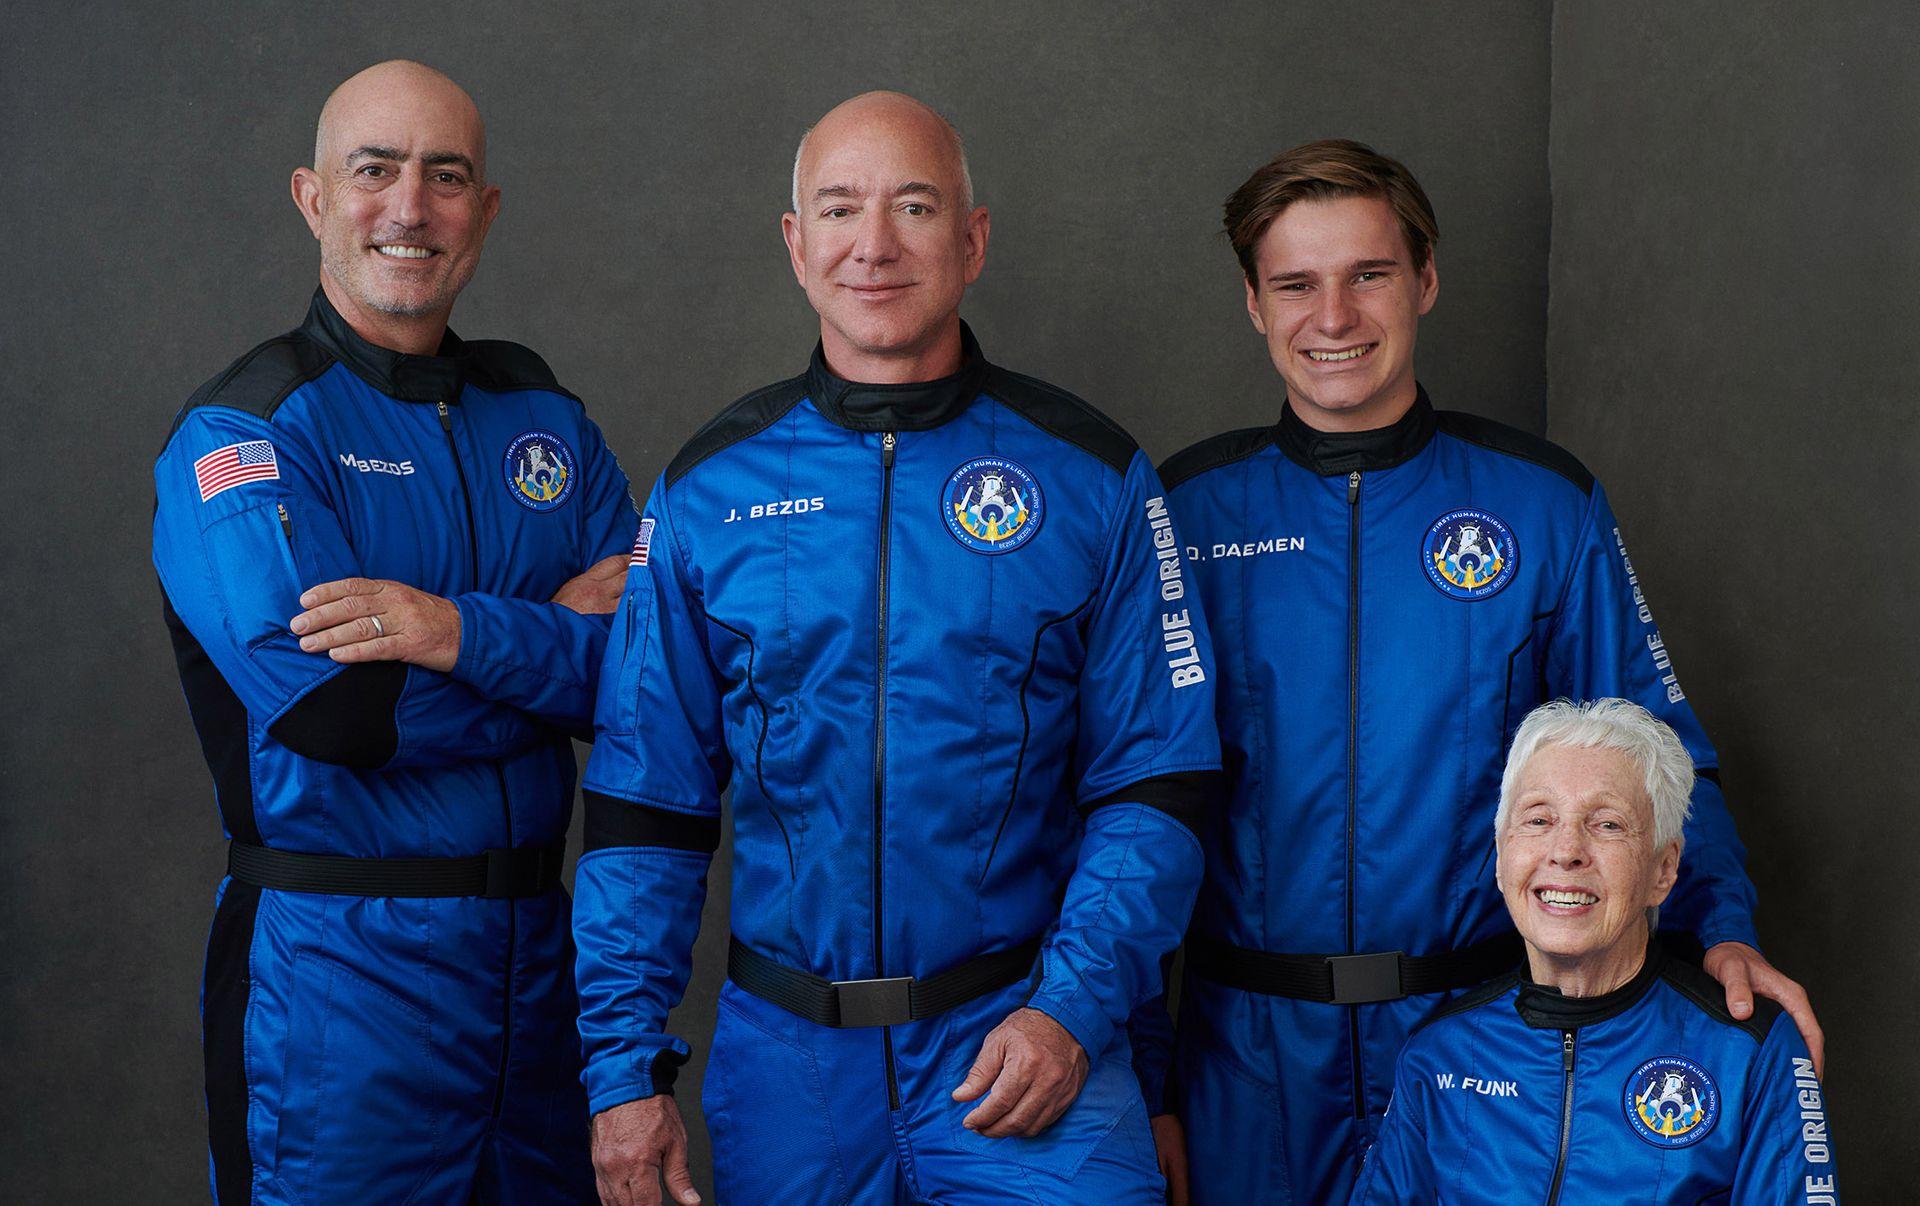 Найбагатша людина на Землі здійснила політ в космос, екіпаж Безоса вже повернувся